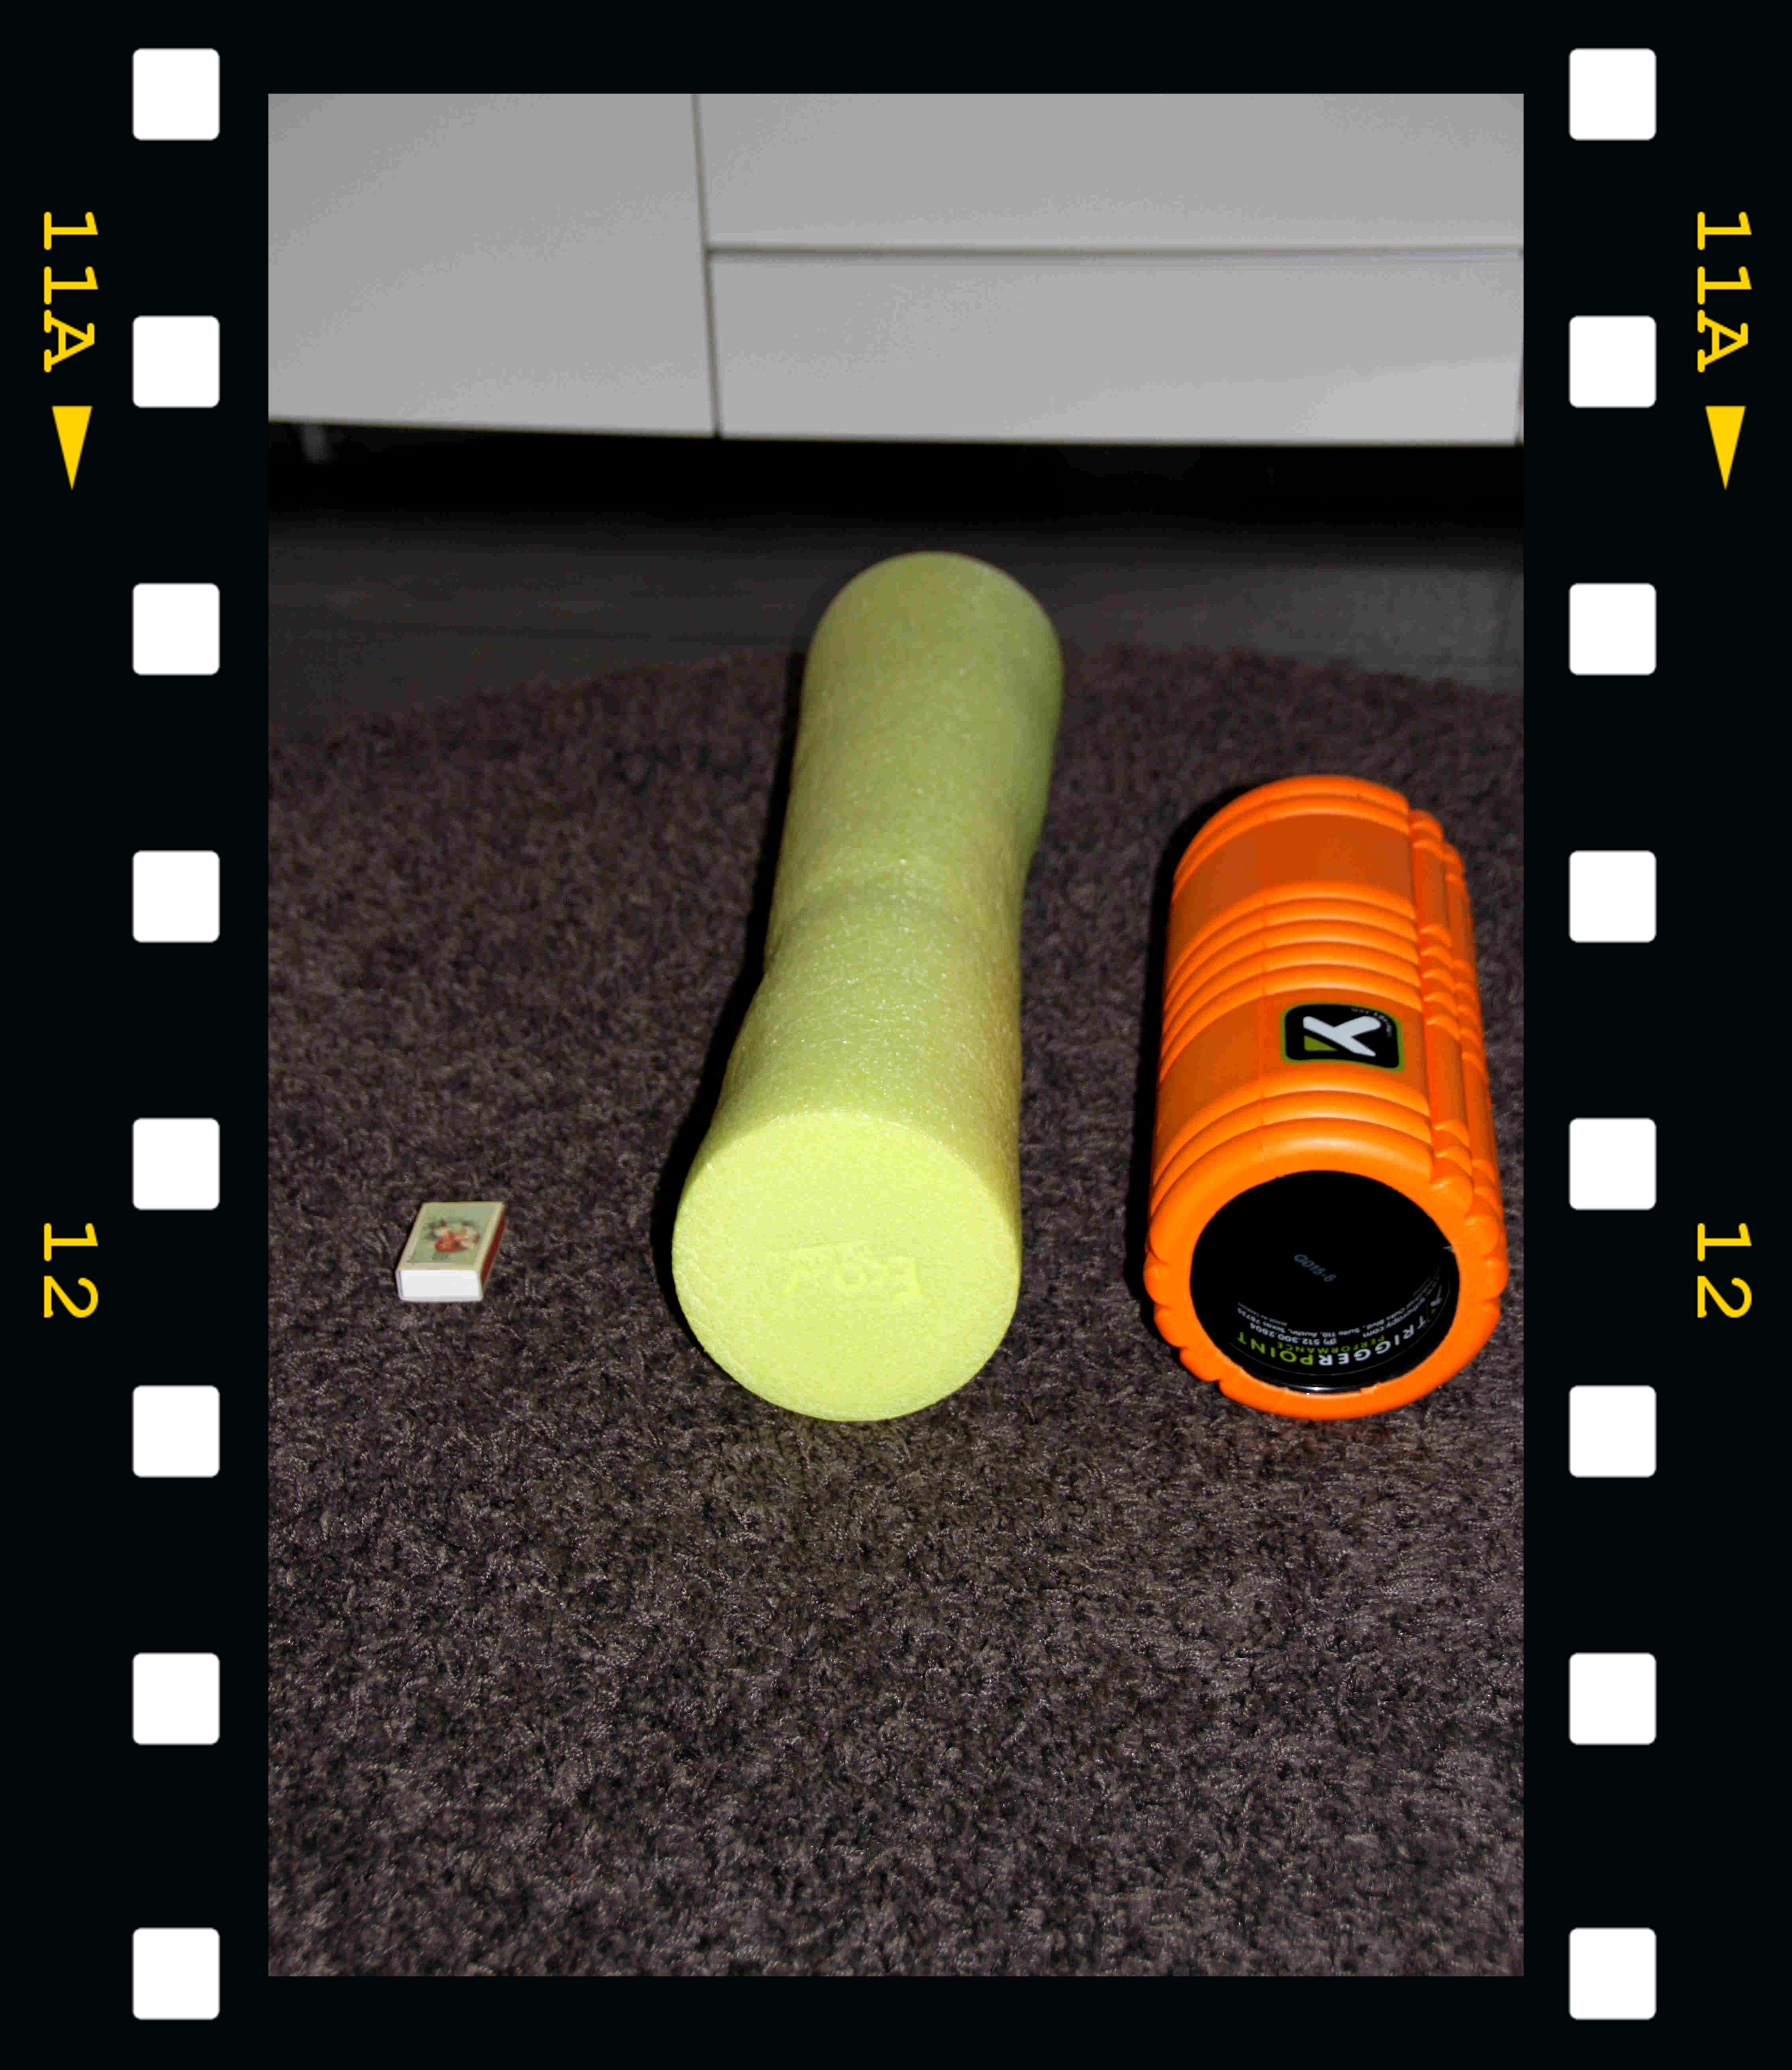 Putkirullausvinkit osa 4: Millainen putkirulla/ foam roller kannattaa hankkia? Proroller, Grid, Blackroll, Easyroller, Bubbleroller, Rumbleroller, pilatesrulla?